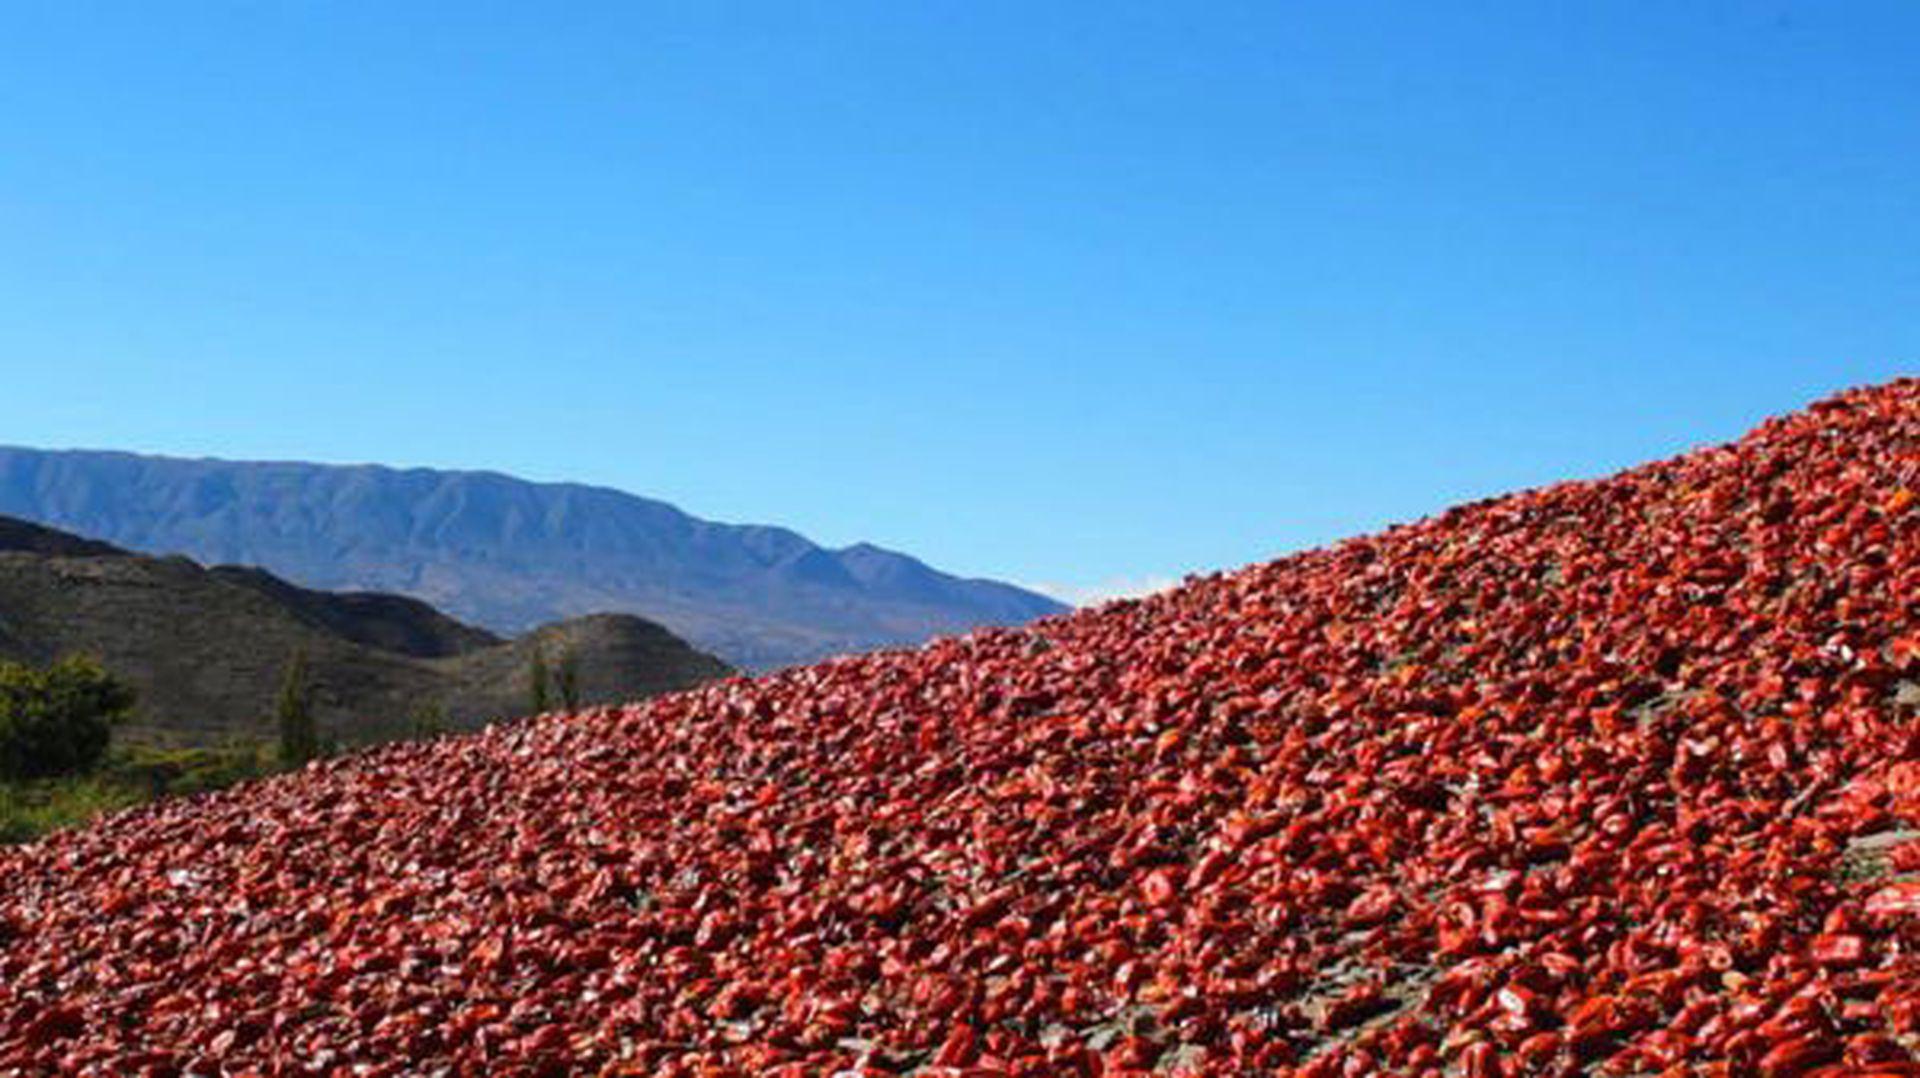 Pimientos a granel: una escena de la serie documental La ruta de las especias.